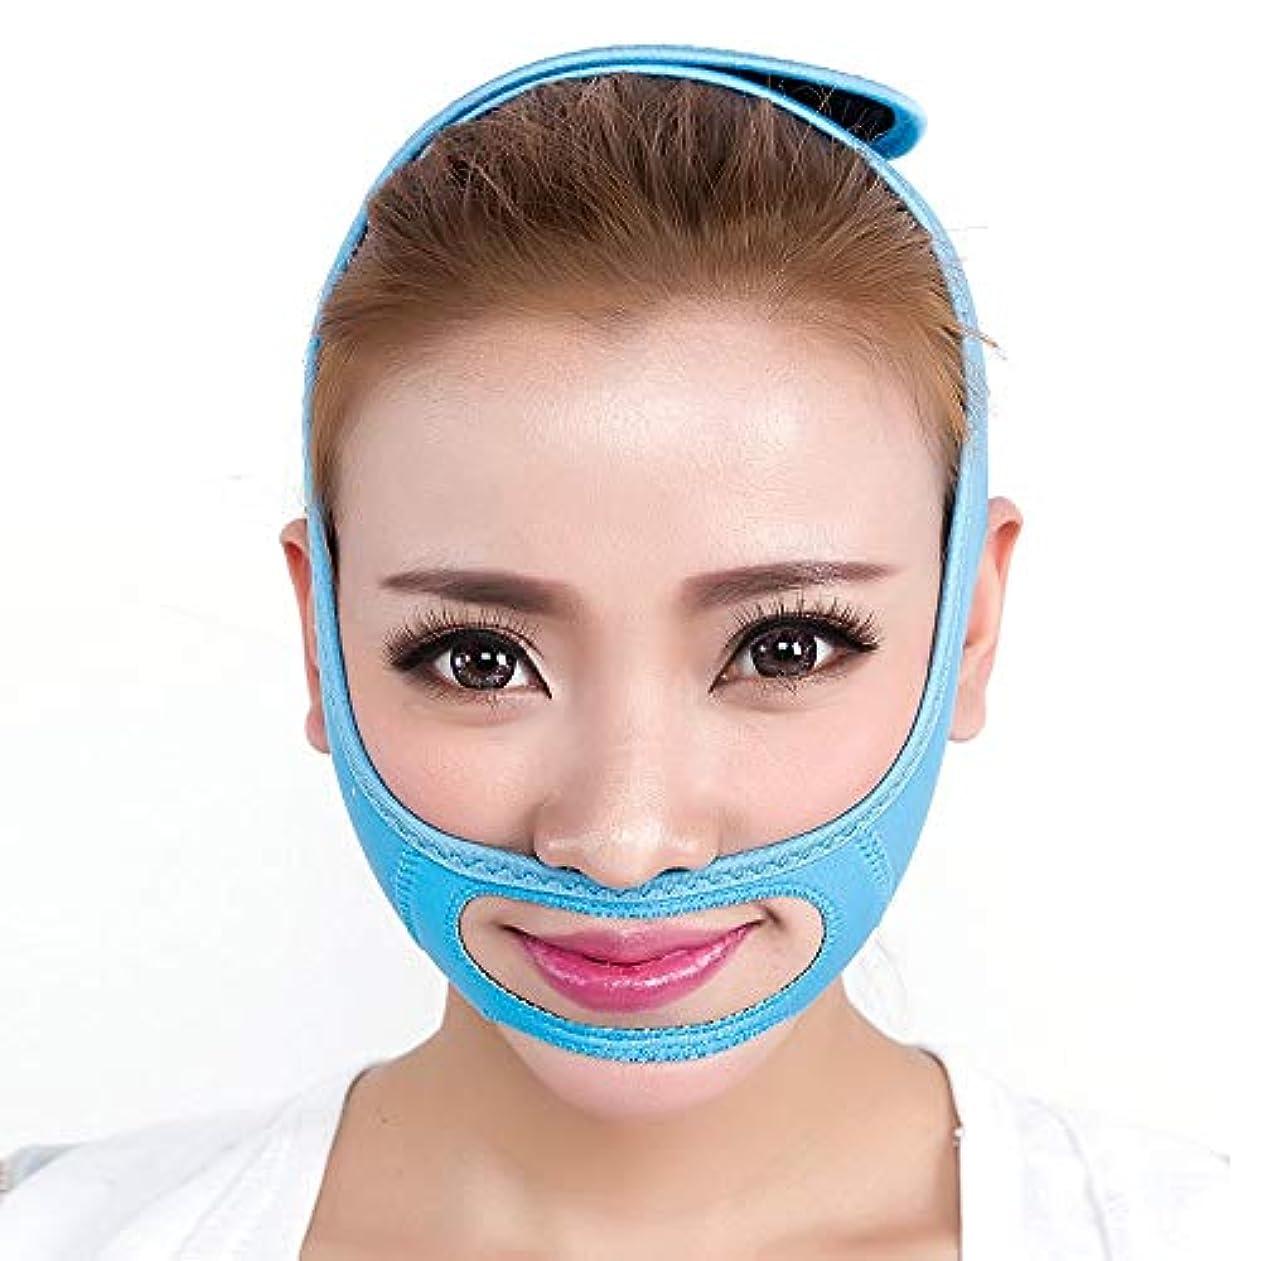 。再開いうJia Jia- シンフェイスマスクシンフェイス包帯シンフェイスアーティファクトシンフェイスフェイシャルリフティングシンフェイススモールVフェイススリープシンフェイスベルト 顔面包帯 (色 : B)